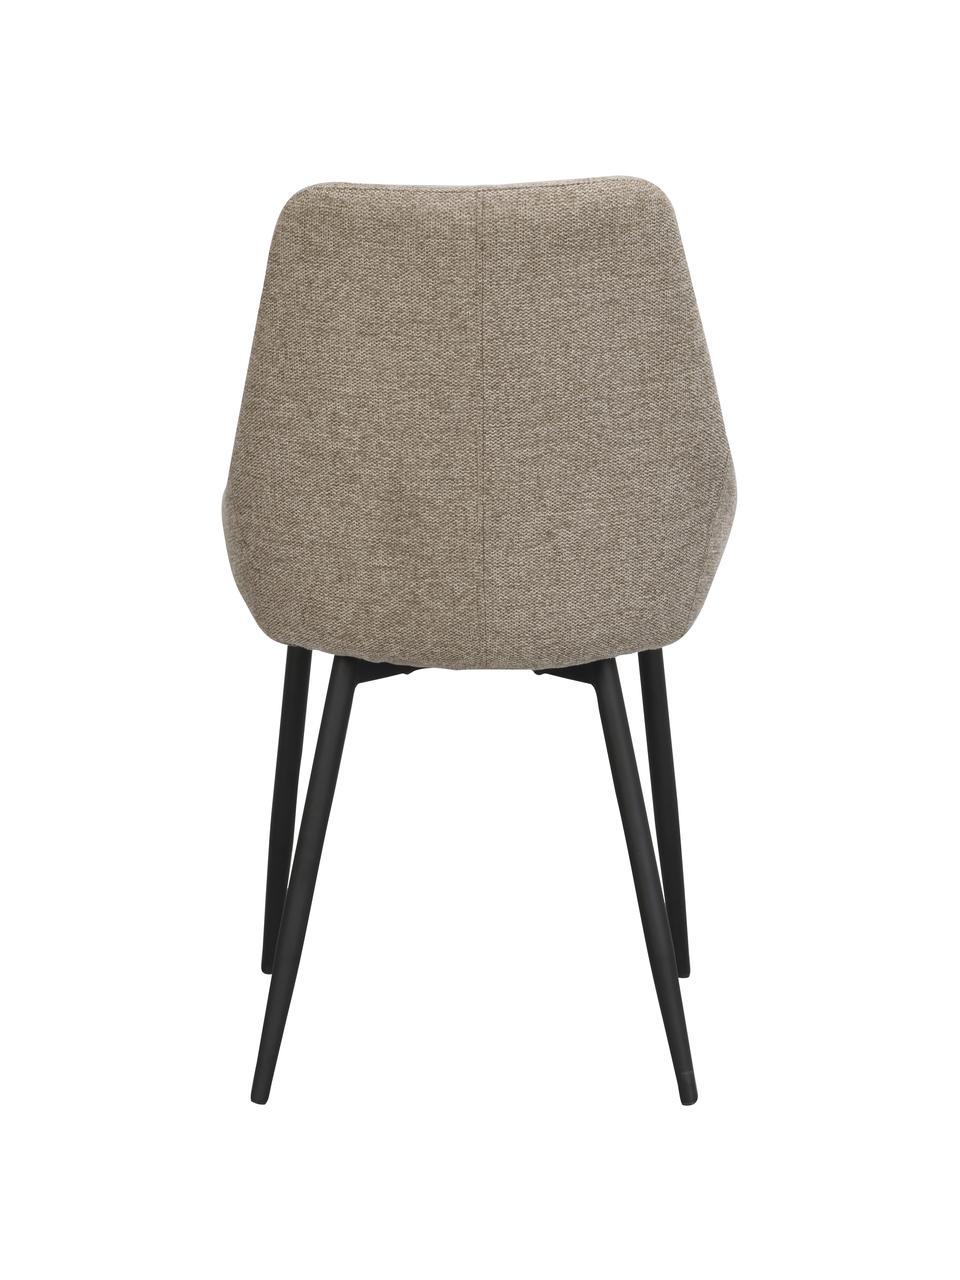 Gestoffeerde stoelen Sierra in beige, 2 stuks, Bekleding: 100% polyester, Poten: gepoedercoat metaal, Geweven stof beige, 49 x 55 cm